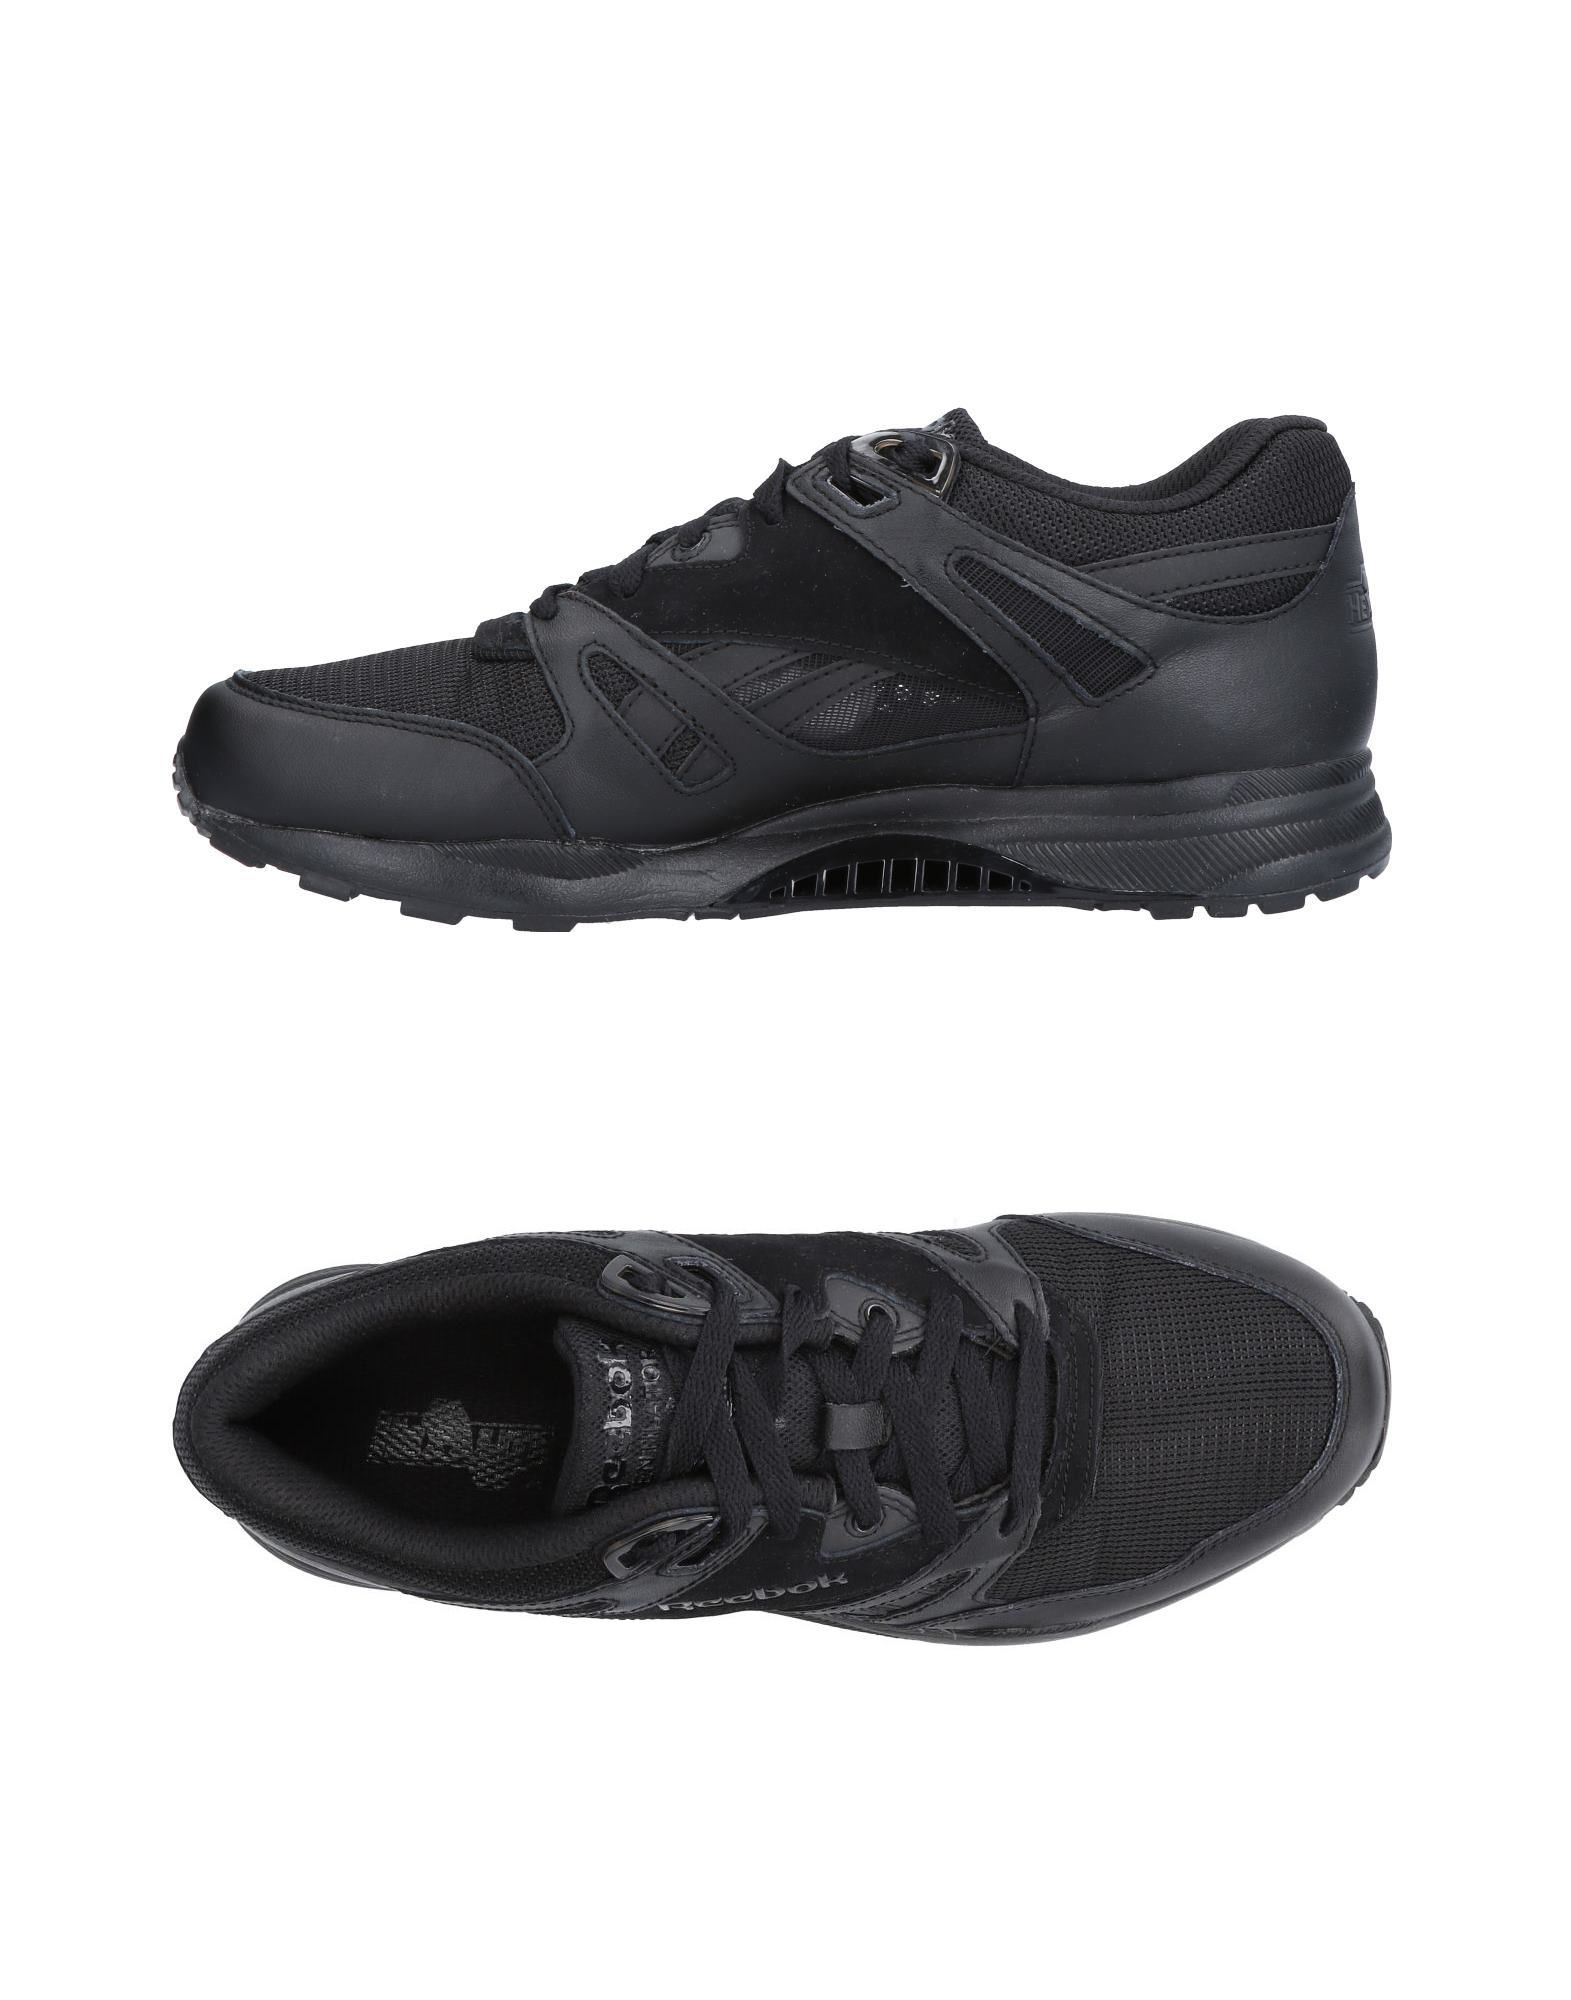 Reebok Sneakers Herren  11486249JD